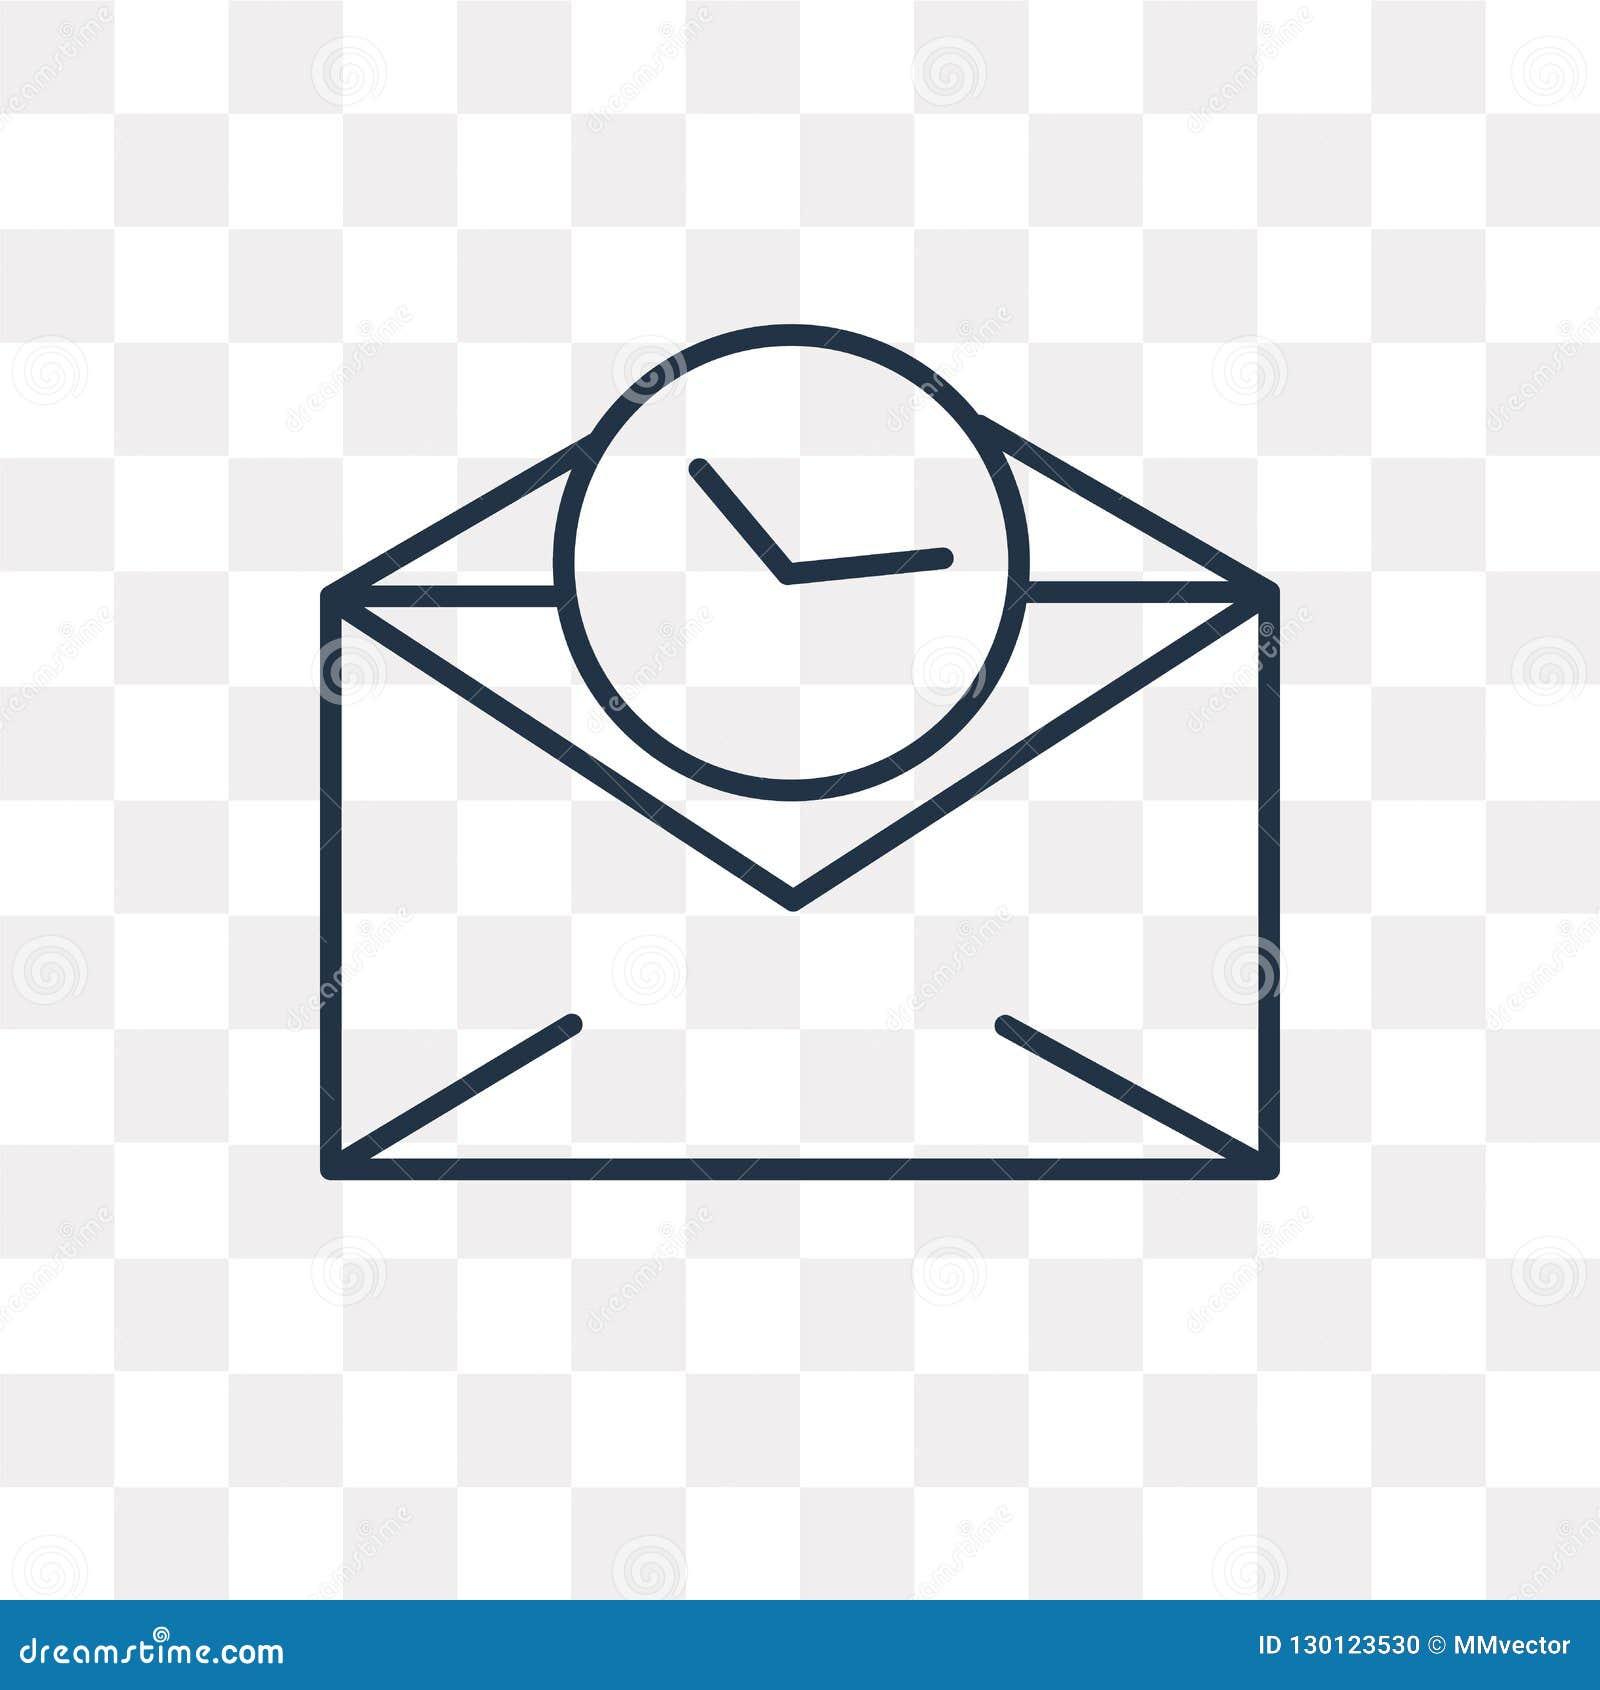 Postvektorsymbol som isoleras på genomskinlig bakgrund, linjär post